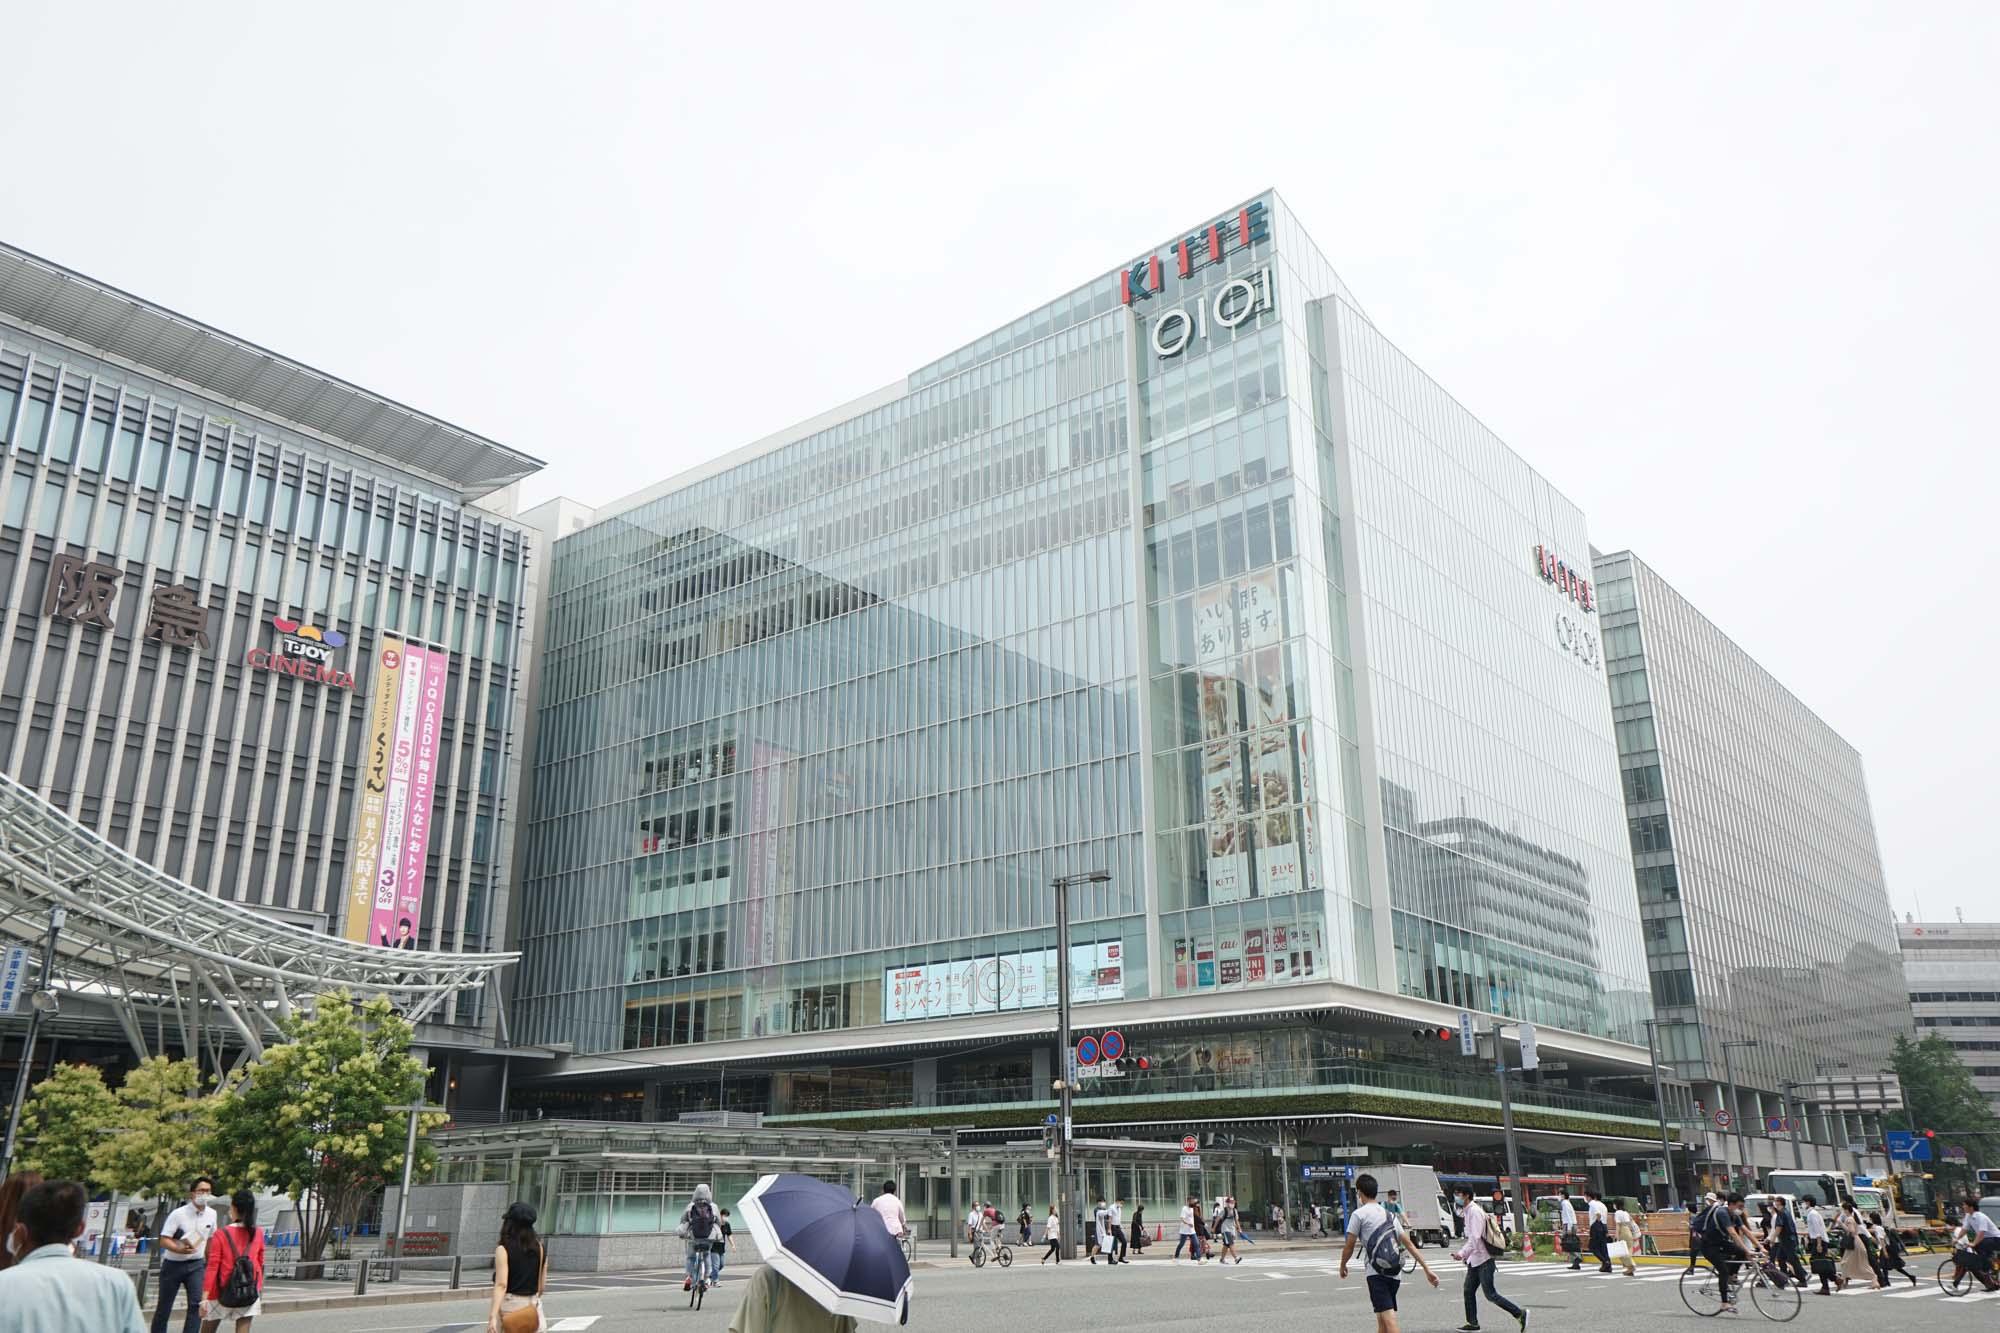 アクセスの面だけでなく、ショッピングが好きな方にも、KITTE、博多マルイ、阪急百貨店が駅ビルに集結している博多は、便利に使えそうです。